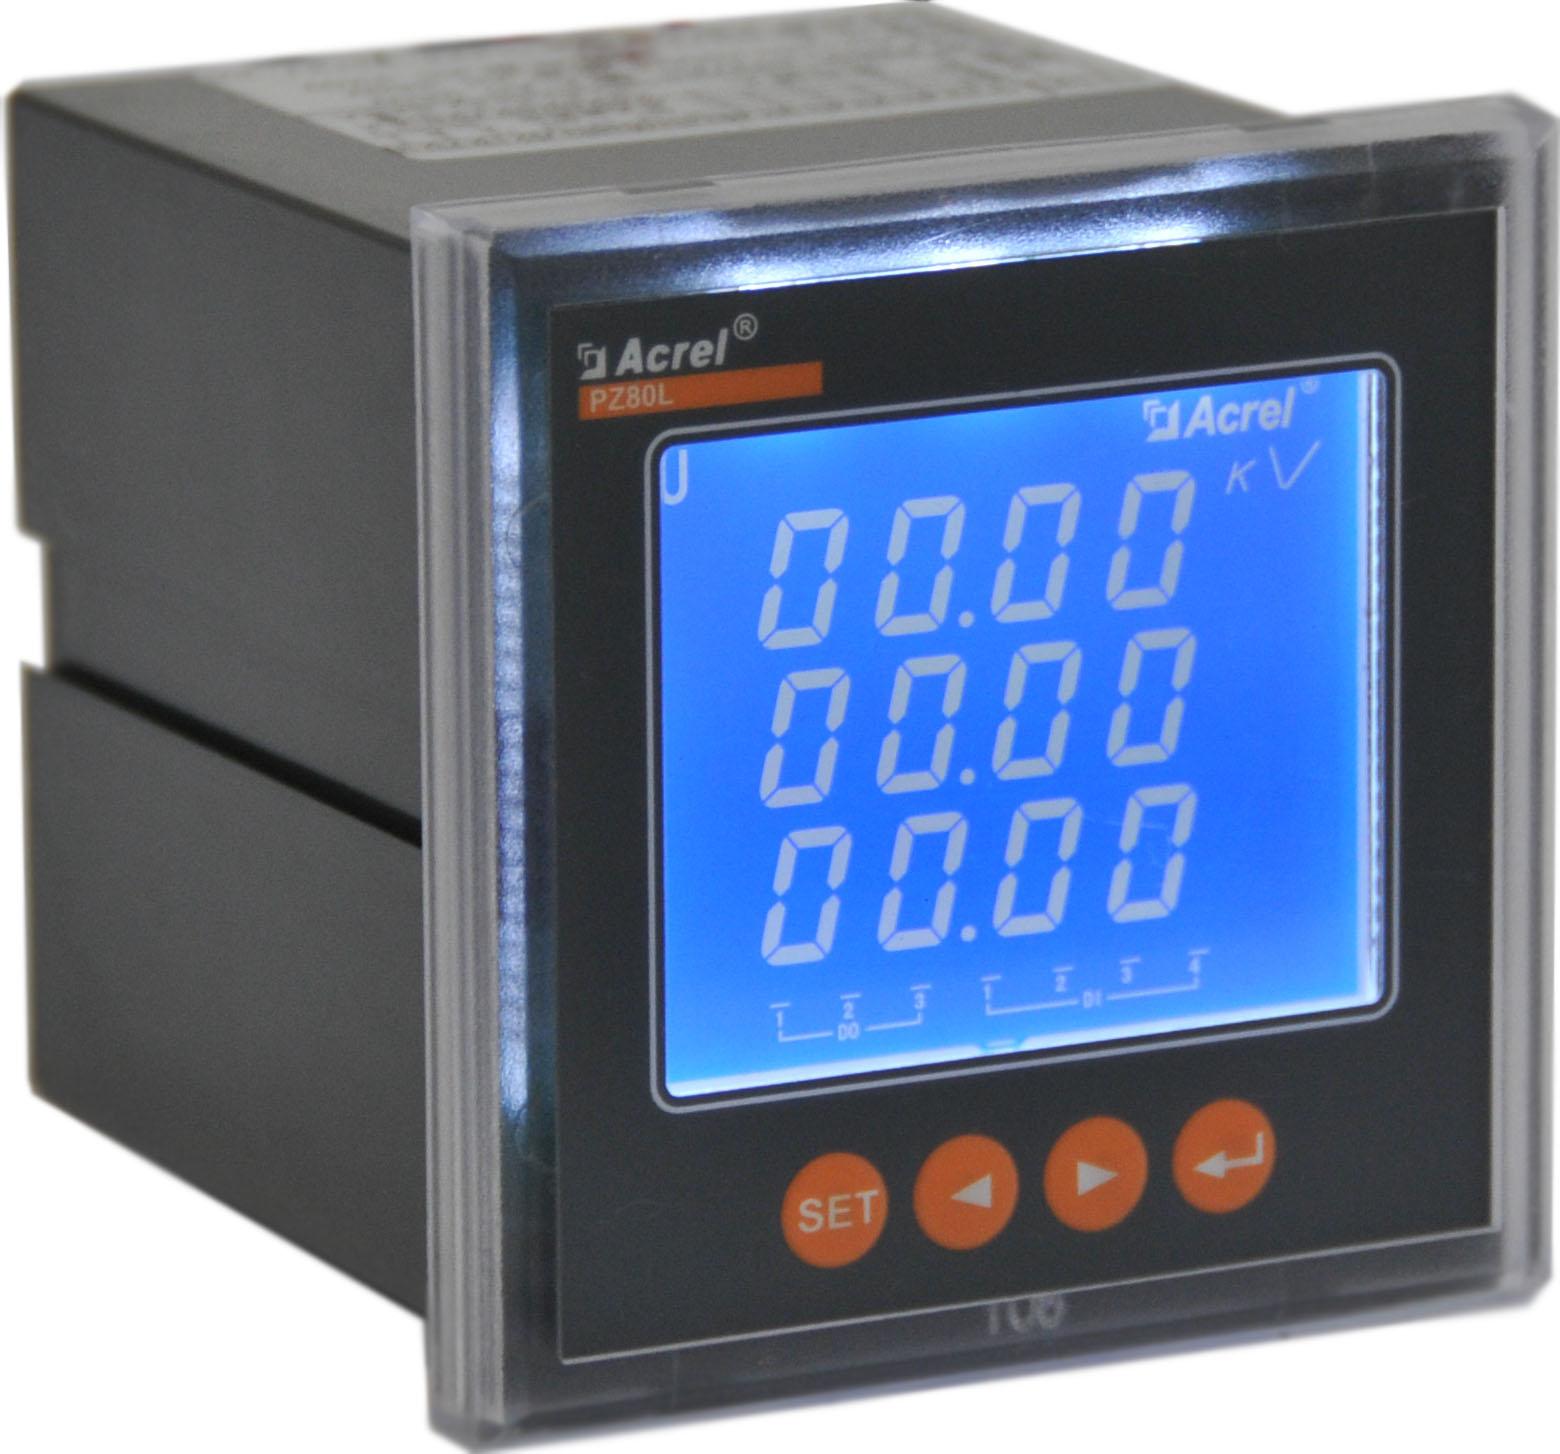 安科瑞直销 PZ96L-E4/KJ 电能表 多功能表 报警 RS485通讯 包邮